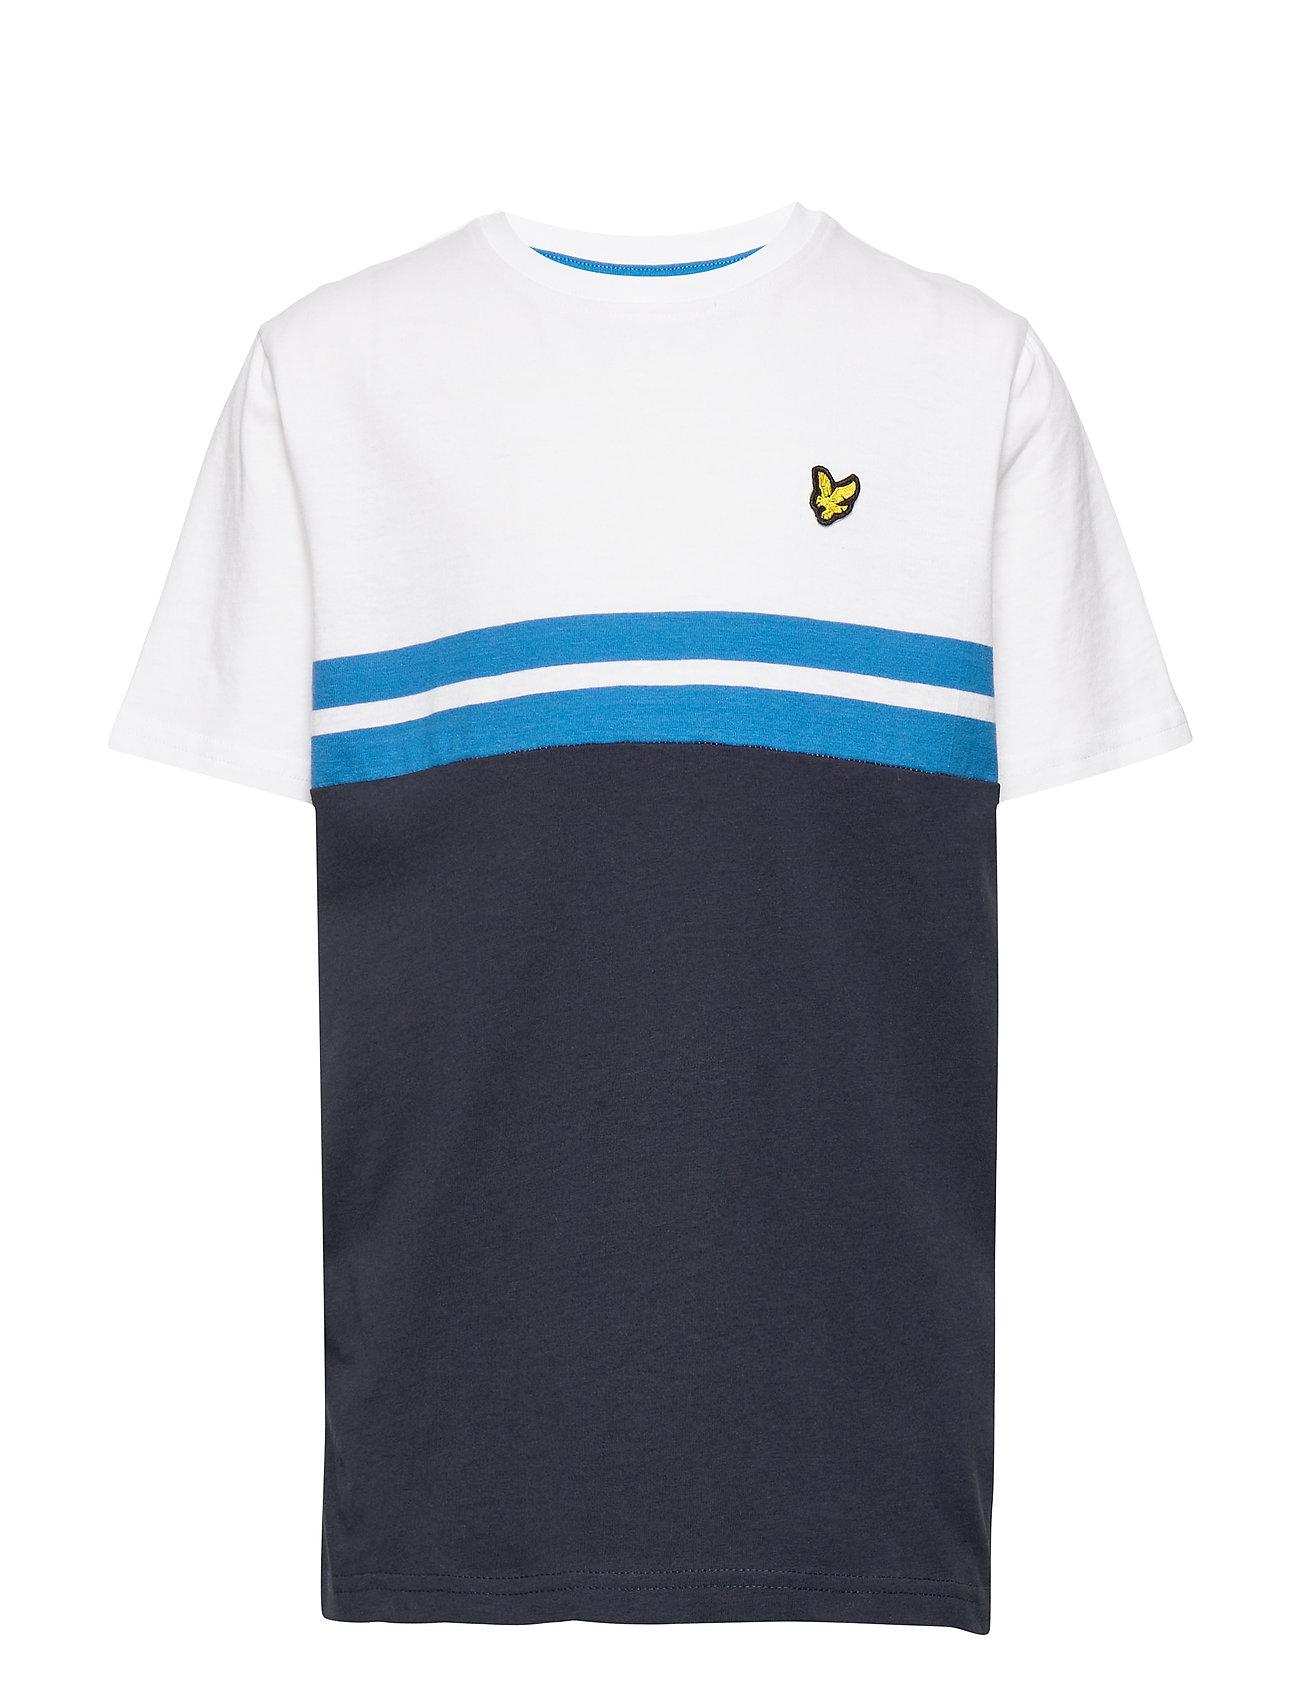 Lyle & Scott Junior Yoke Stripe T-Shirt Bright White - BRIGHT WHITE